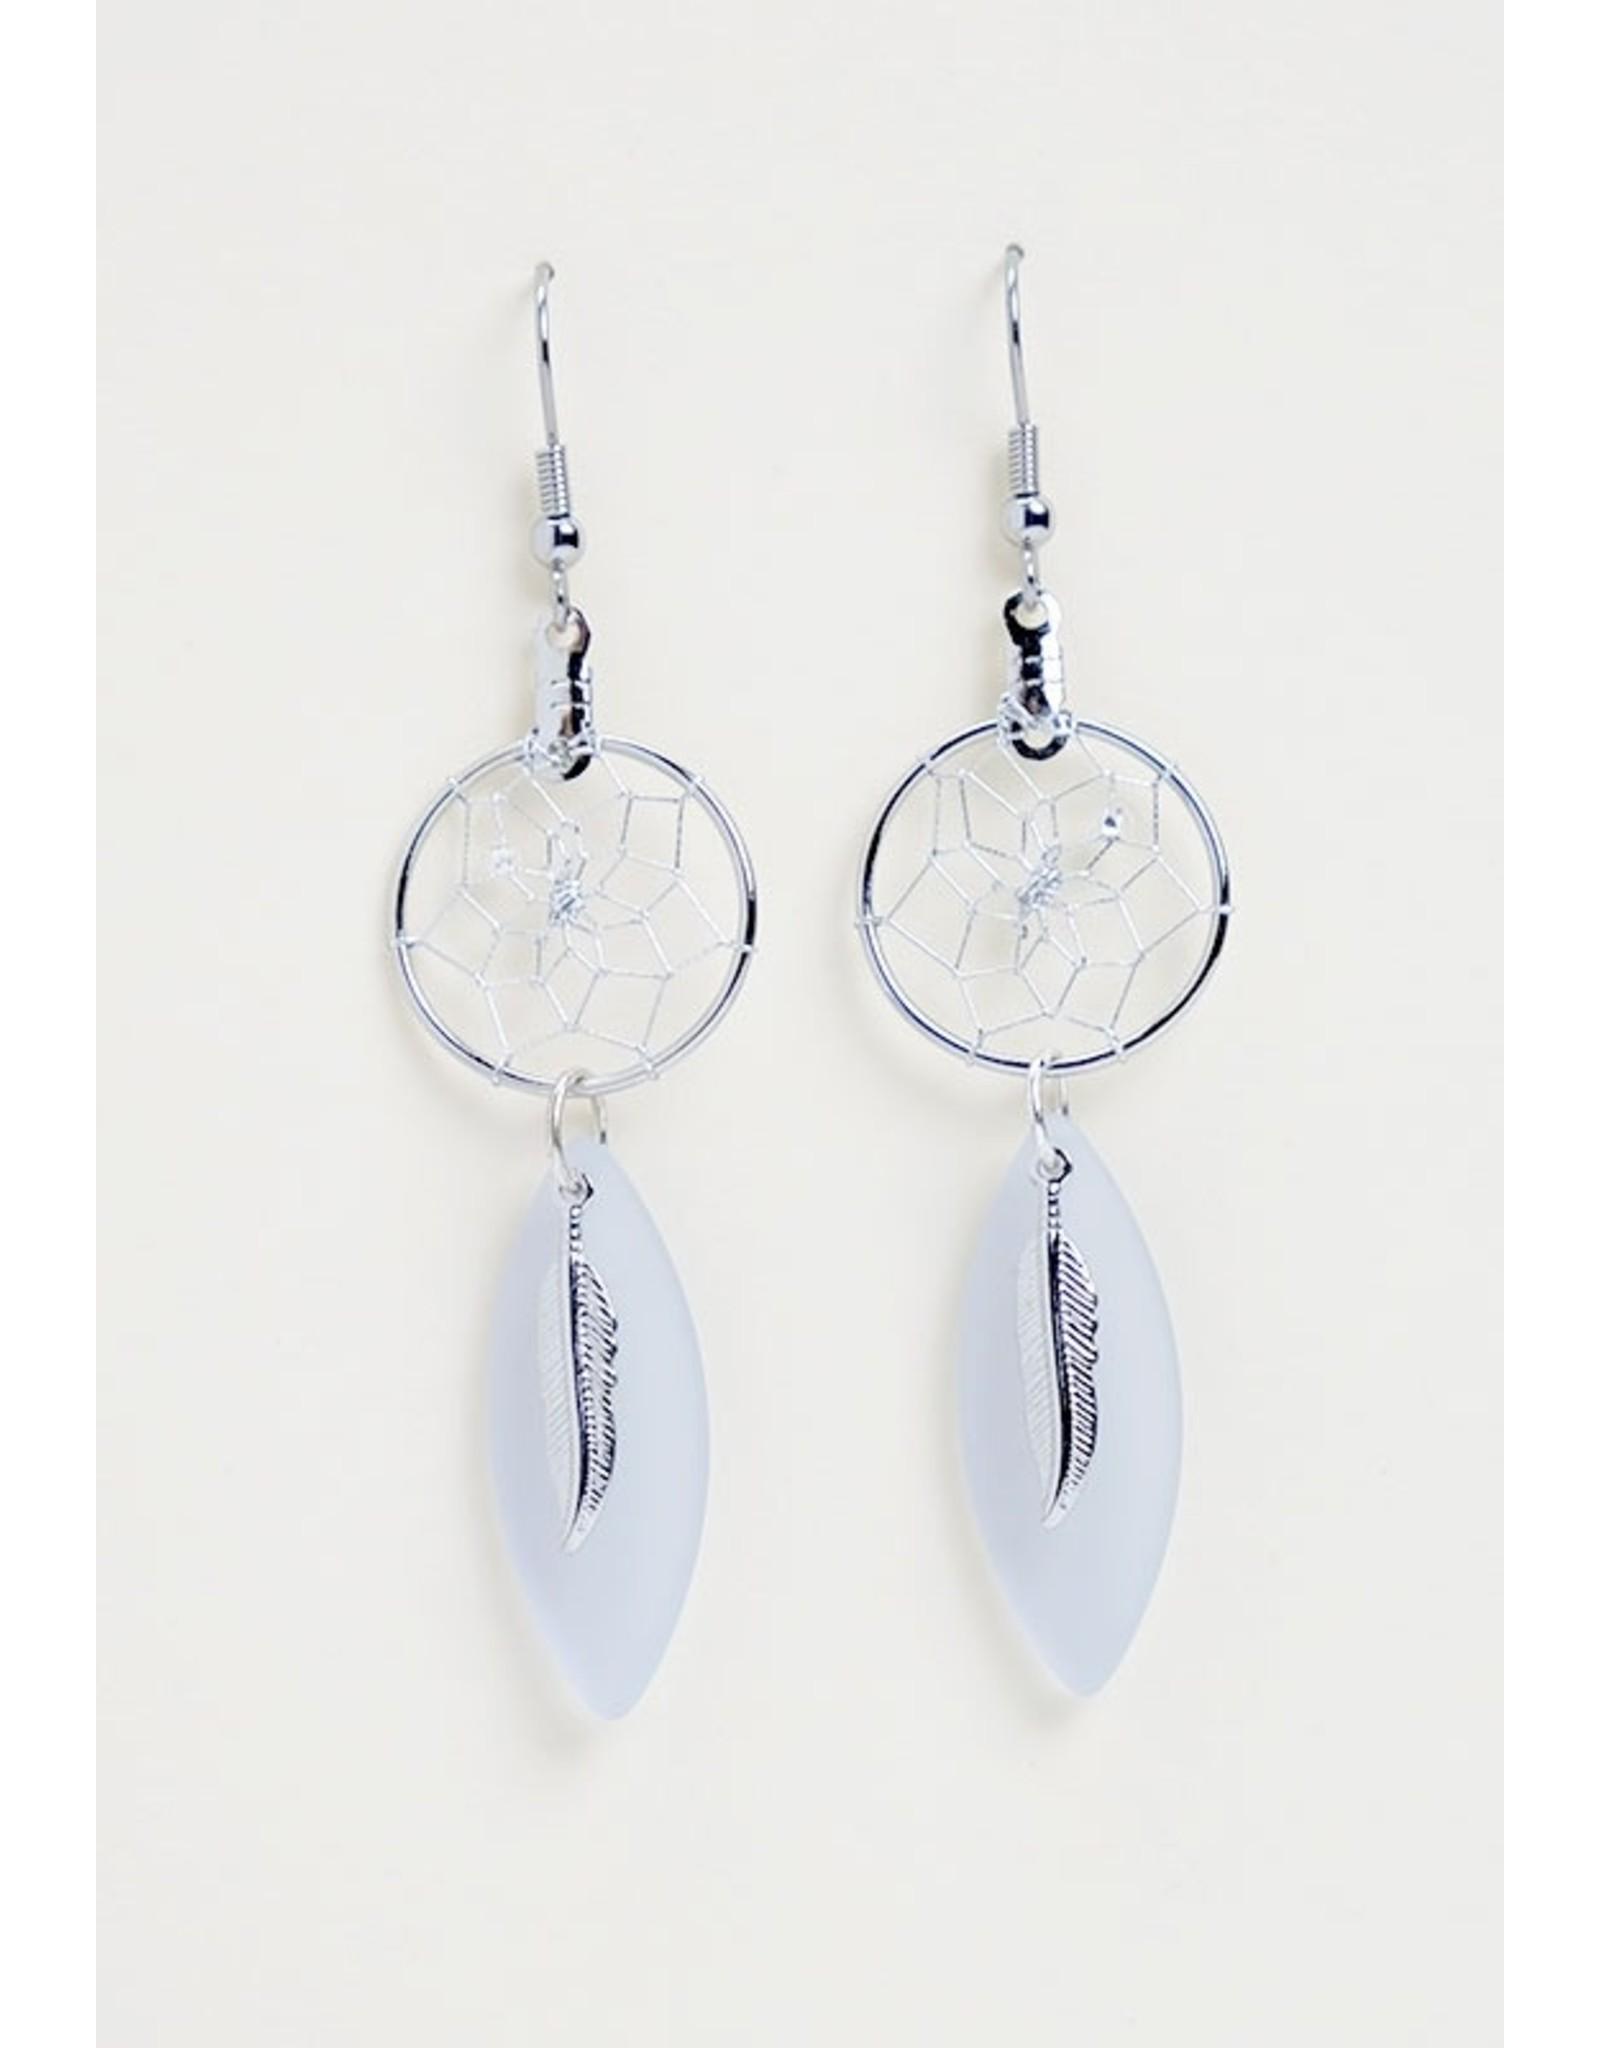 Sea Glass Earrings - DC1602